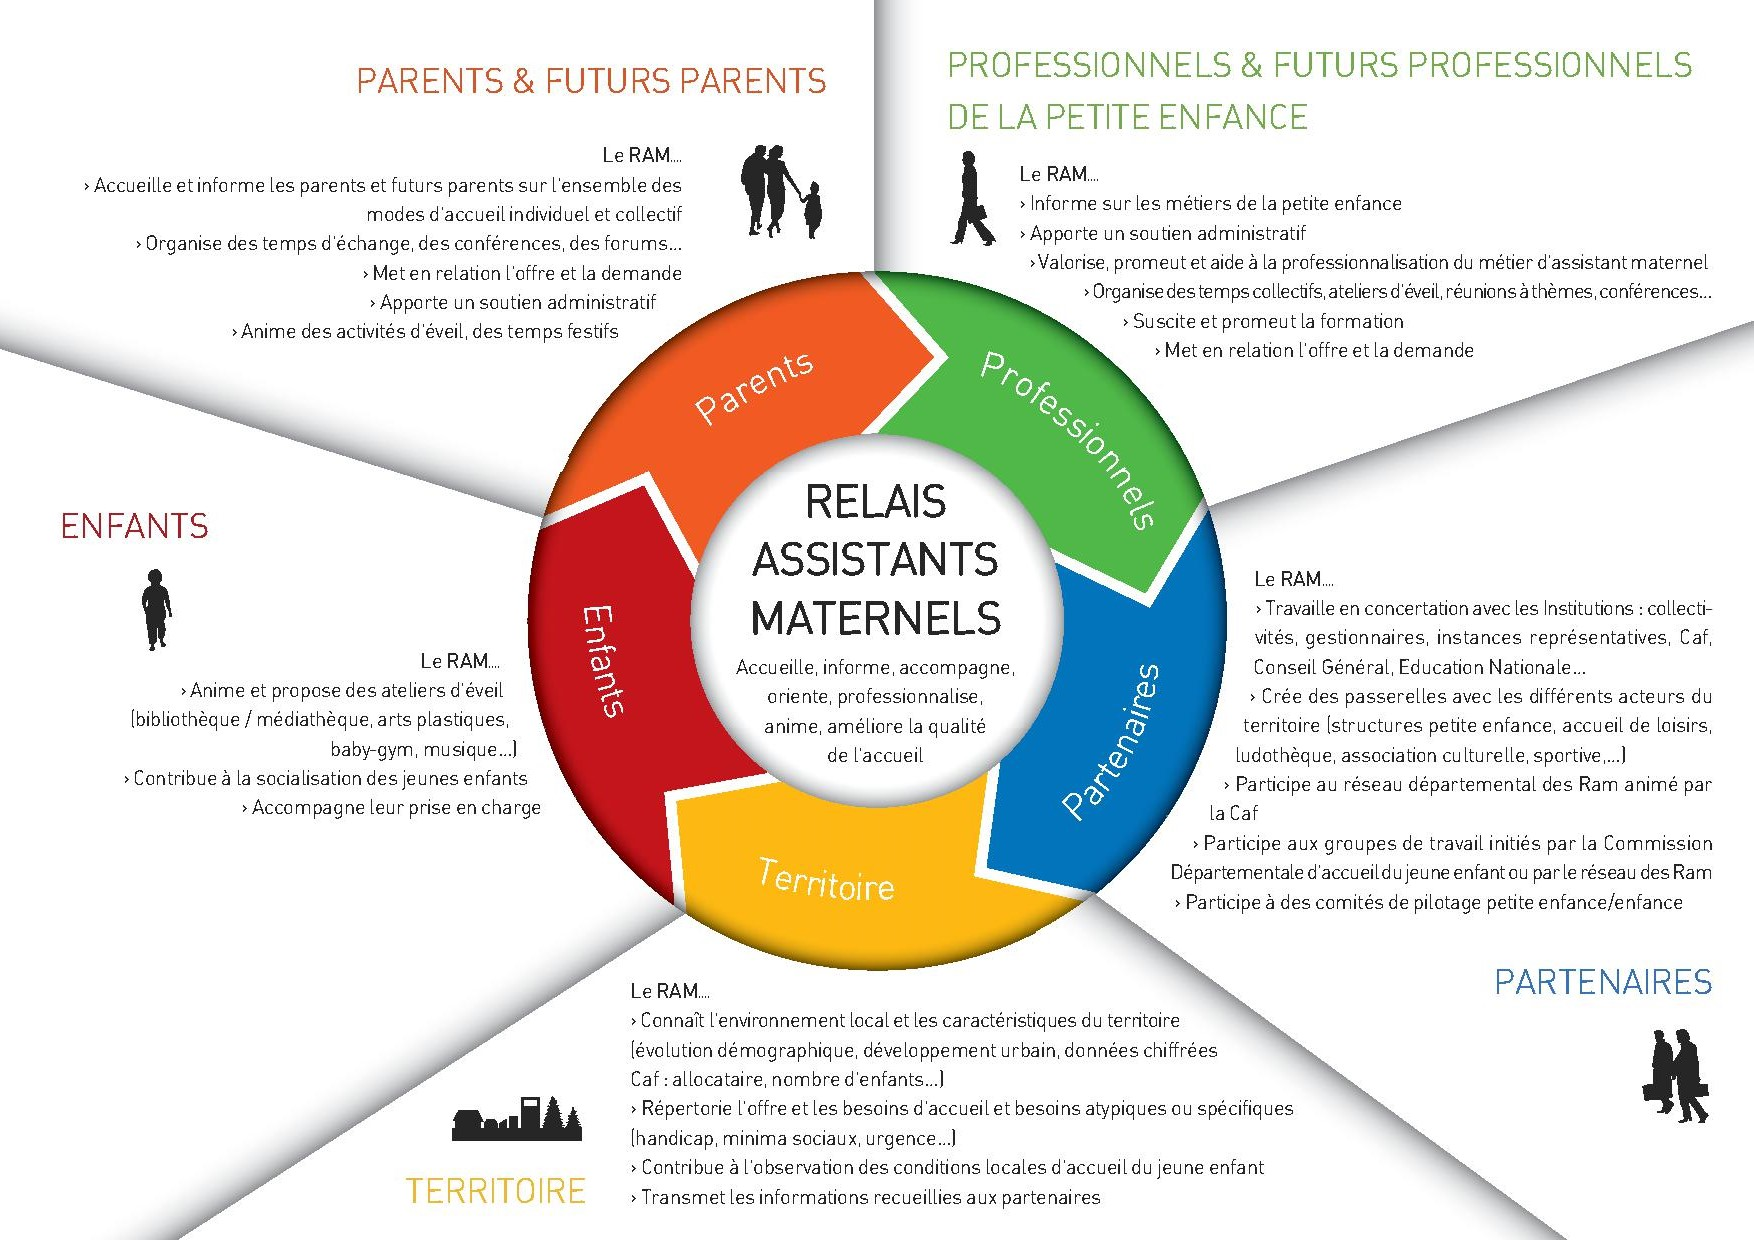 Relais Assistants maternels